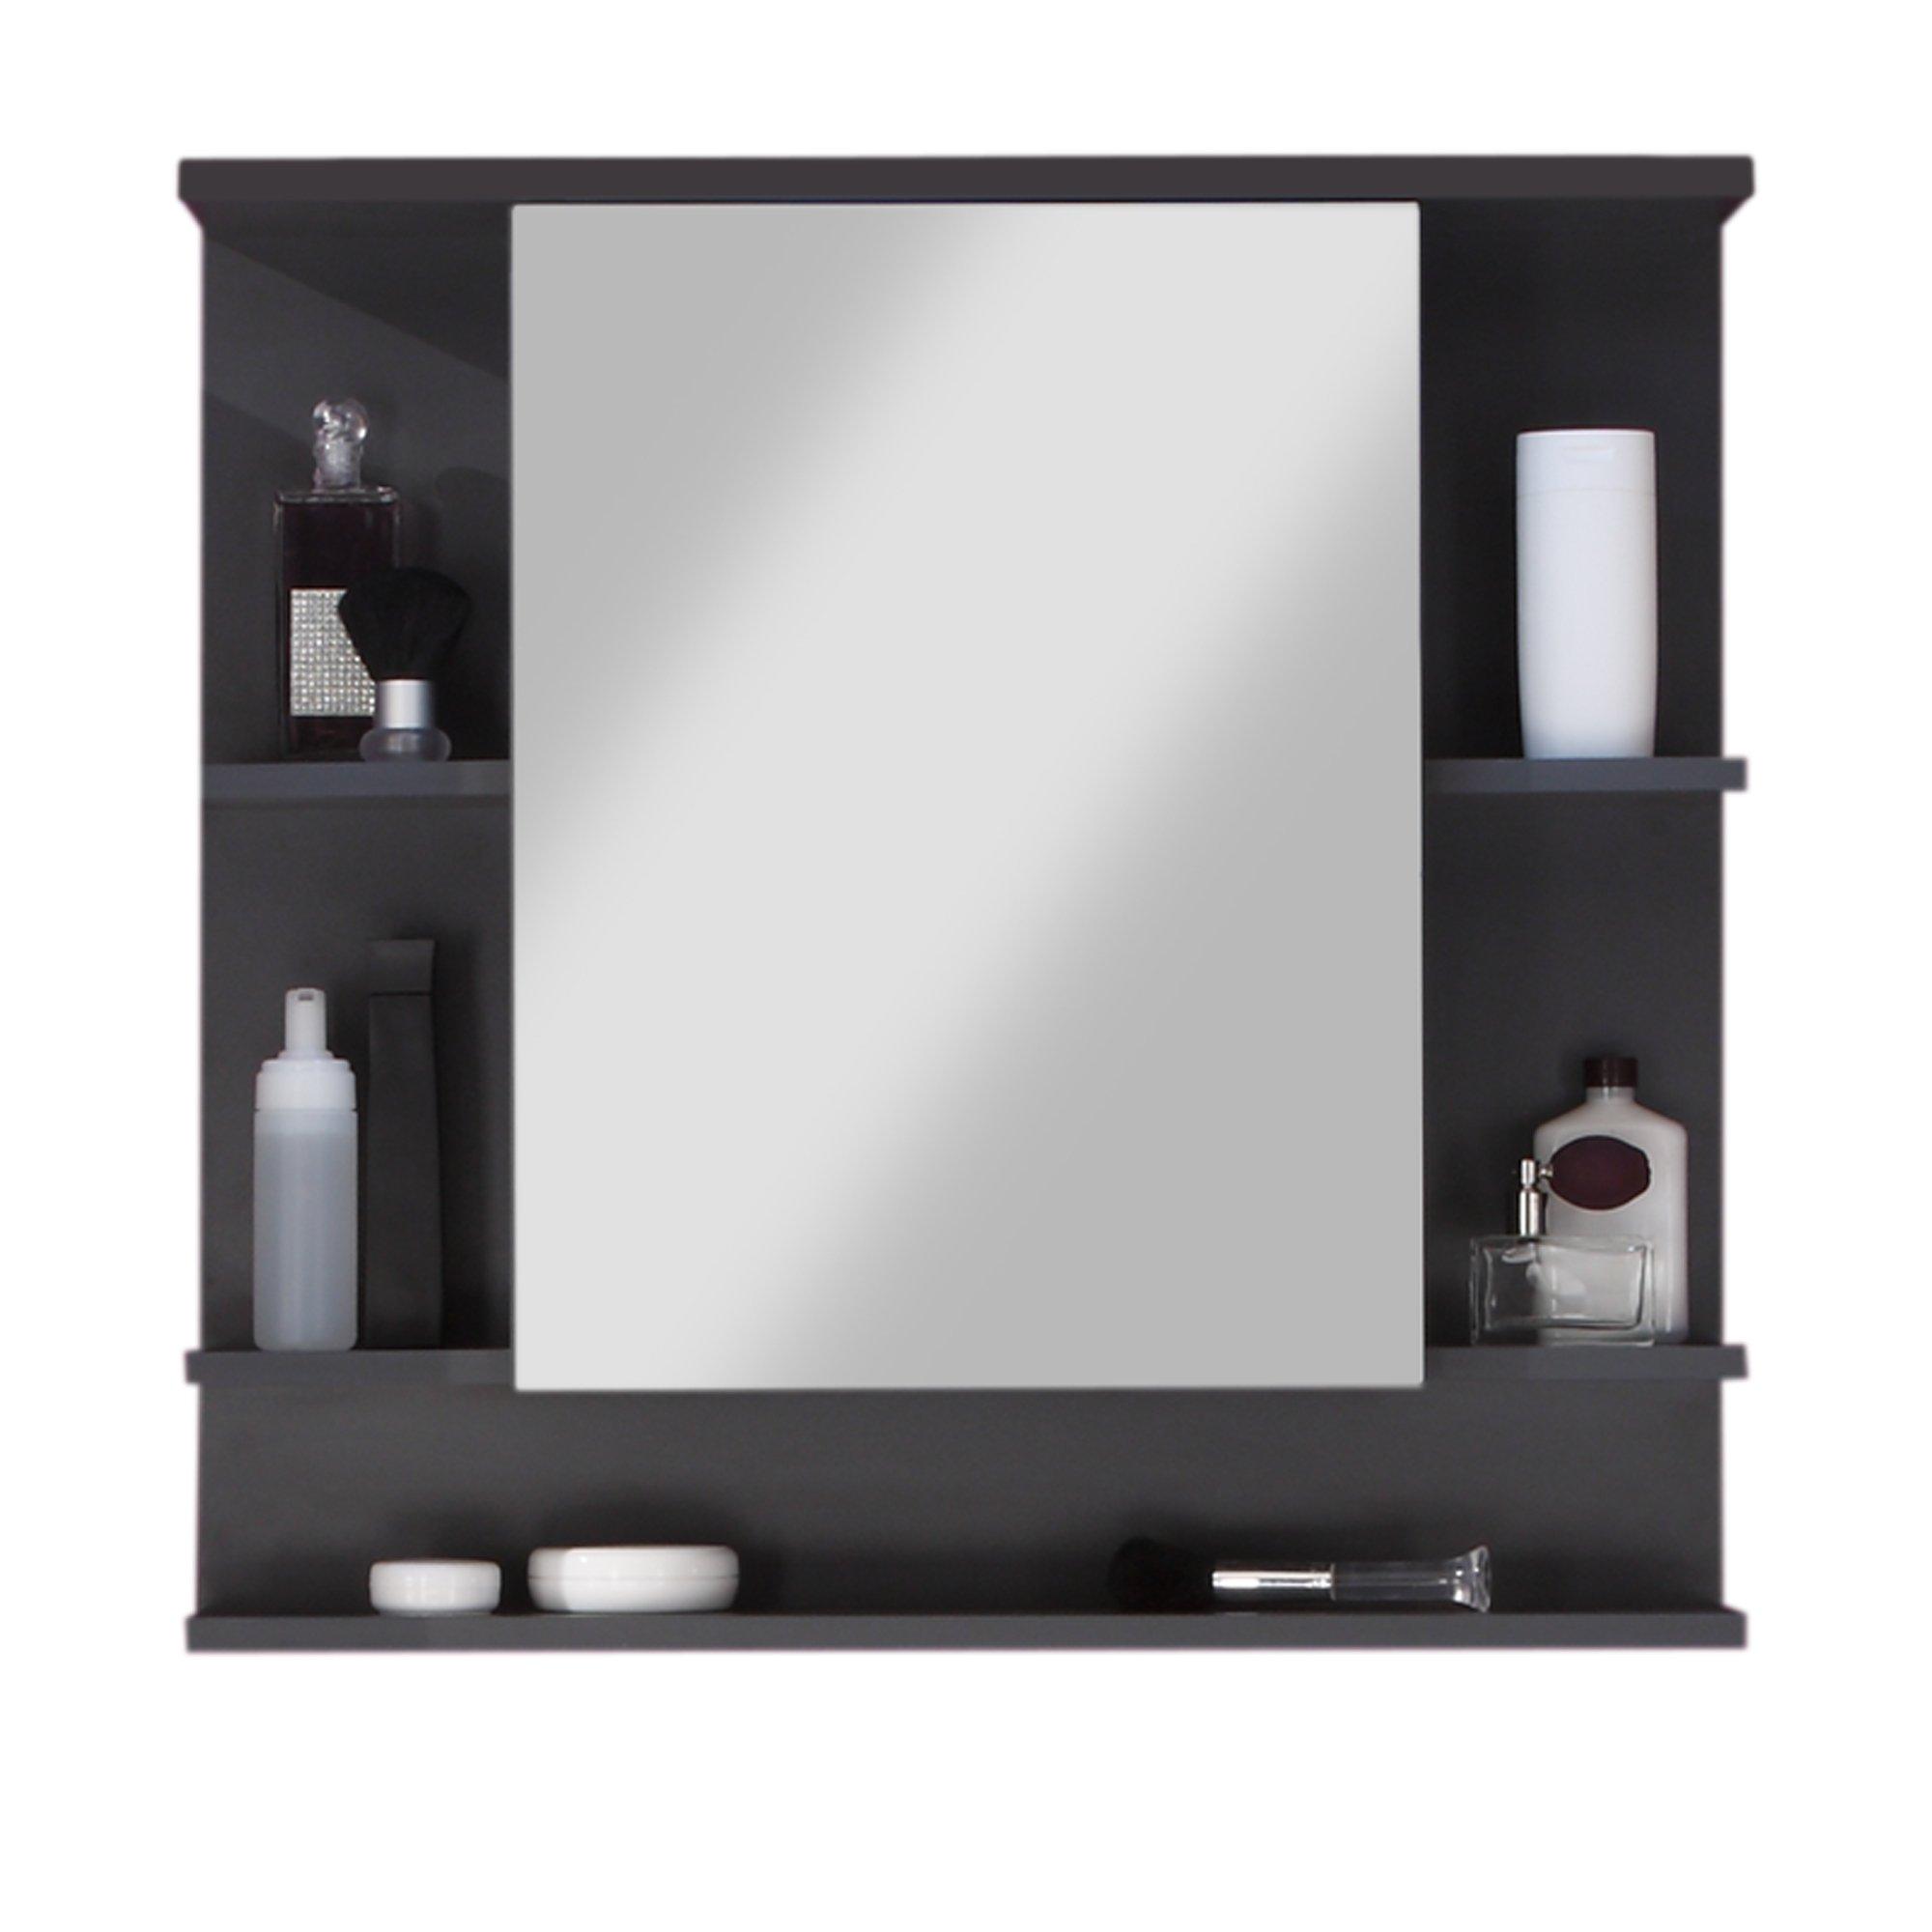 Miroir Salle De Bain Tv ~ armoire miroir salle de bain amazon fr